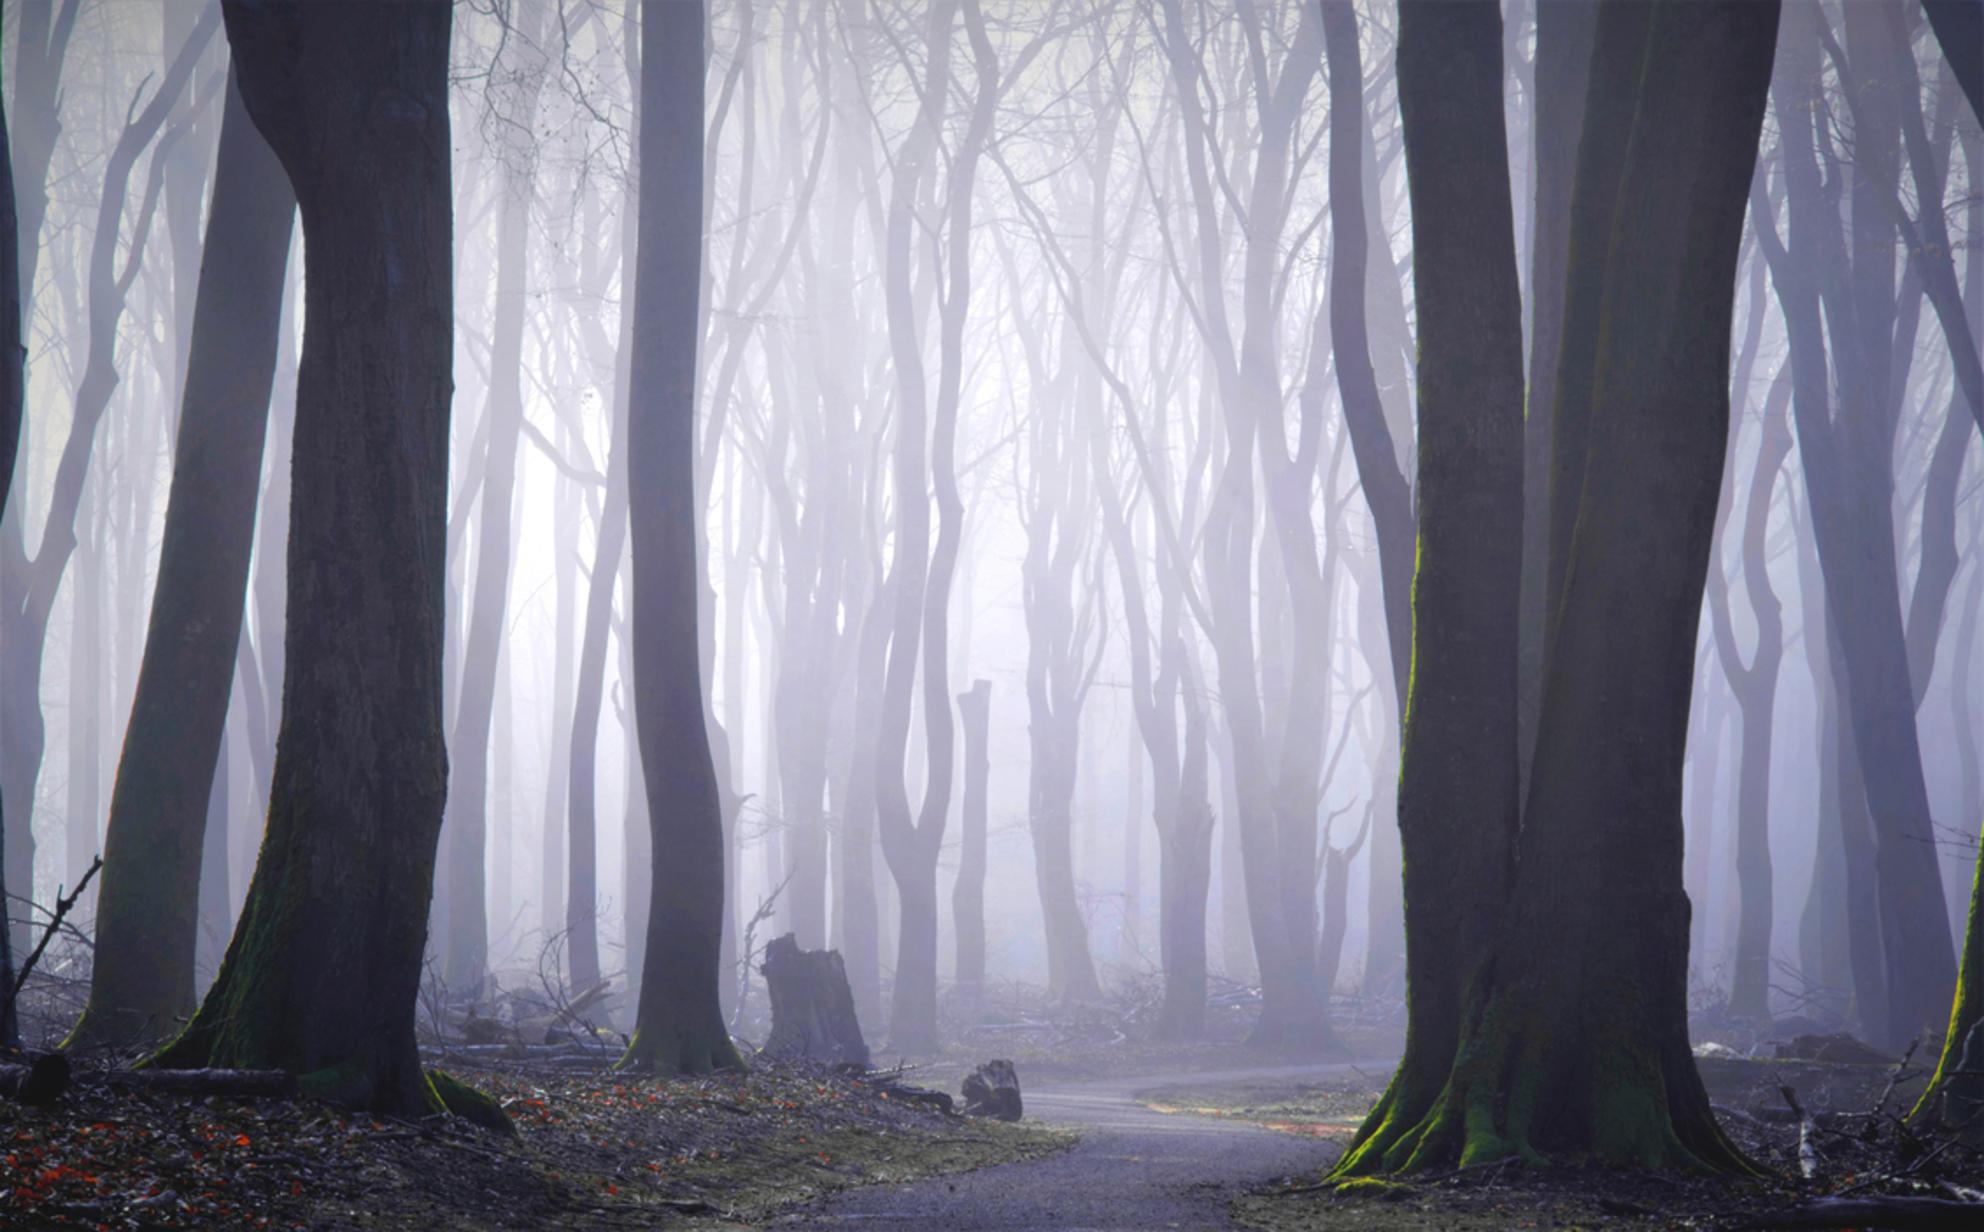 Het stille bos - Helemaal aan de rand van het grote bos kwam ik hier uit. Misschien had ik meer pad kunnen meepakken, maar misschien kreeg ik dan ook meer losse takke - foto door pslagmolen op 02-03-2021 - deze foto bevat: panorama, natuur, veluwe, landschap, mist, bos, zonsopkomst, bomen, nederland, speulderbos, lange sluitertijd - Deze foto mag gebruikt worden in een Zoom.nl publicatie